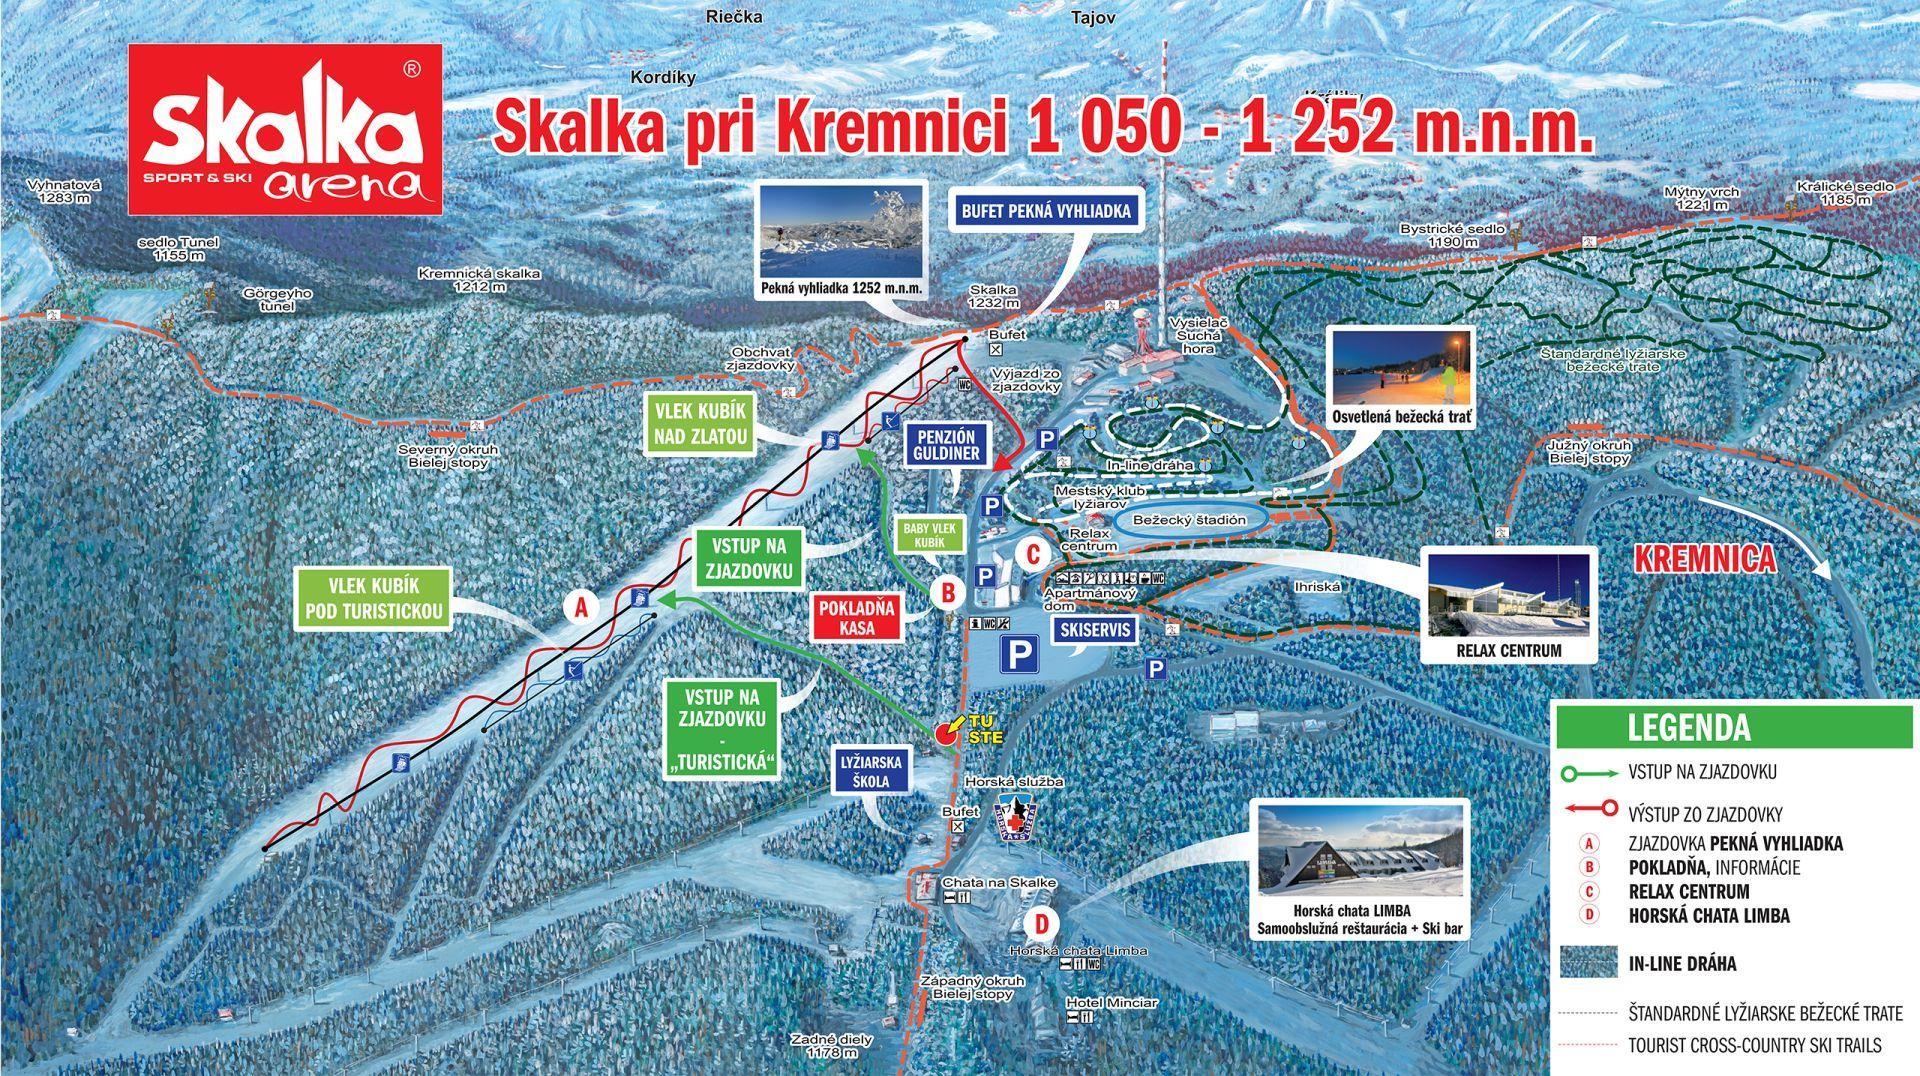 Skalka pri Kremnici Piste / Trail Map